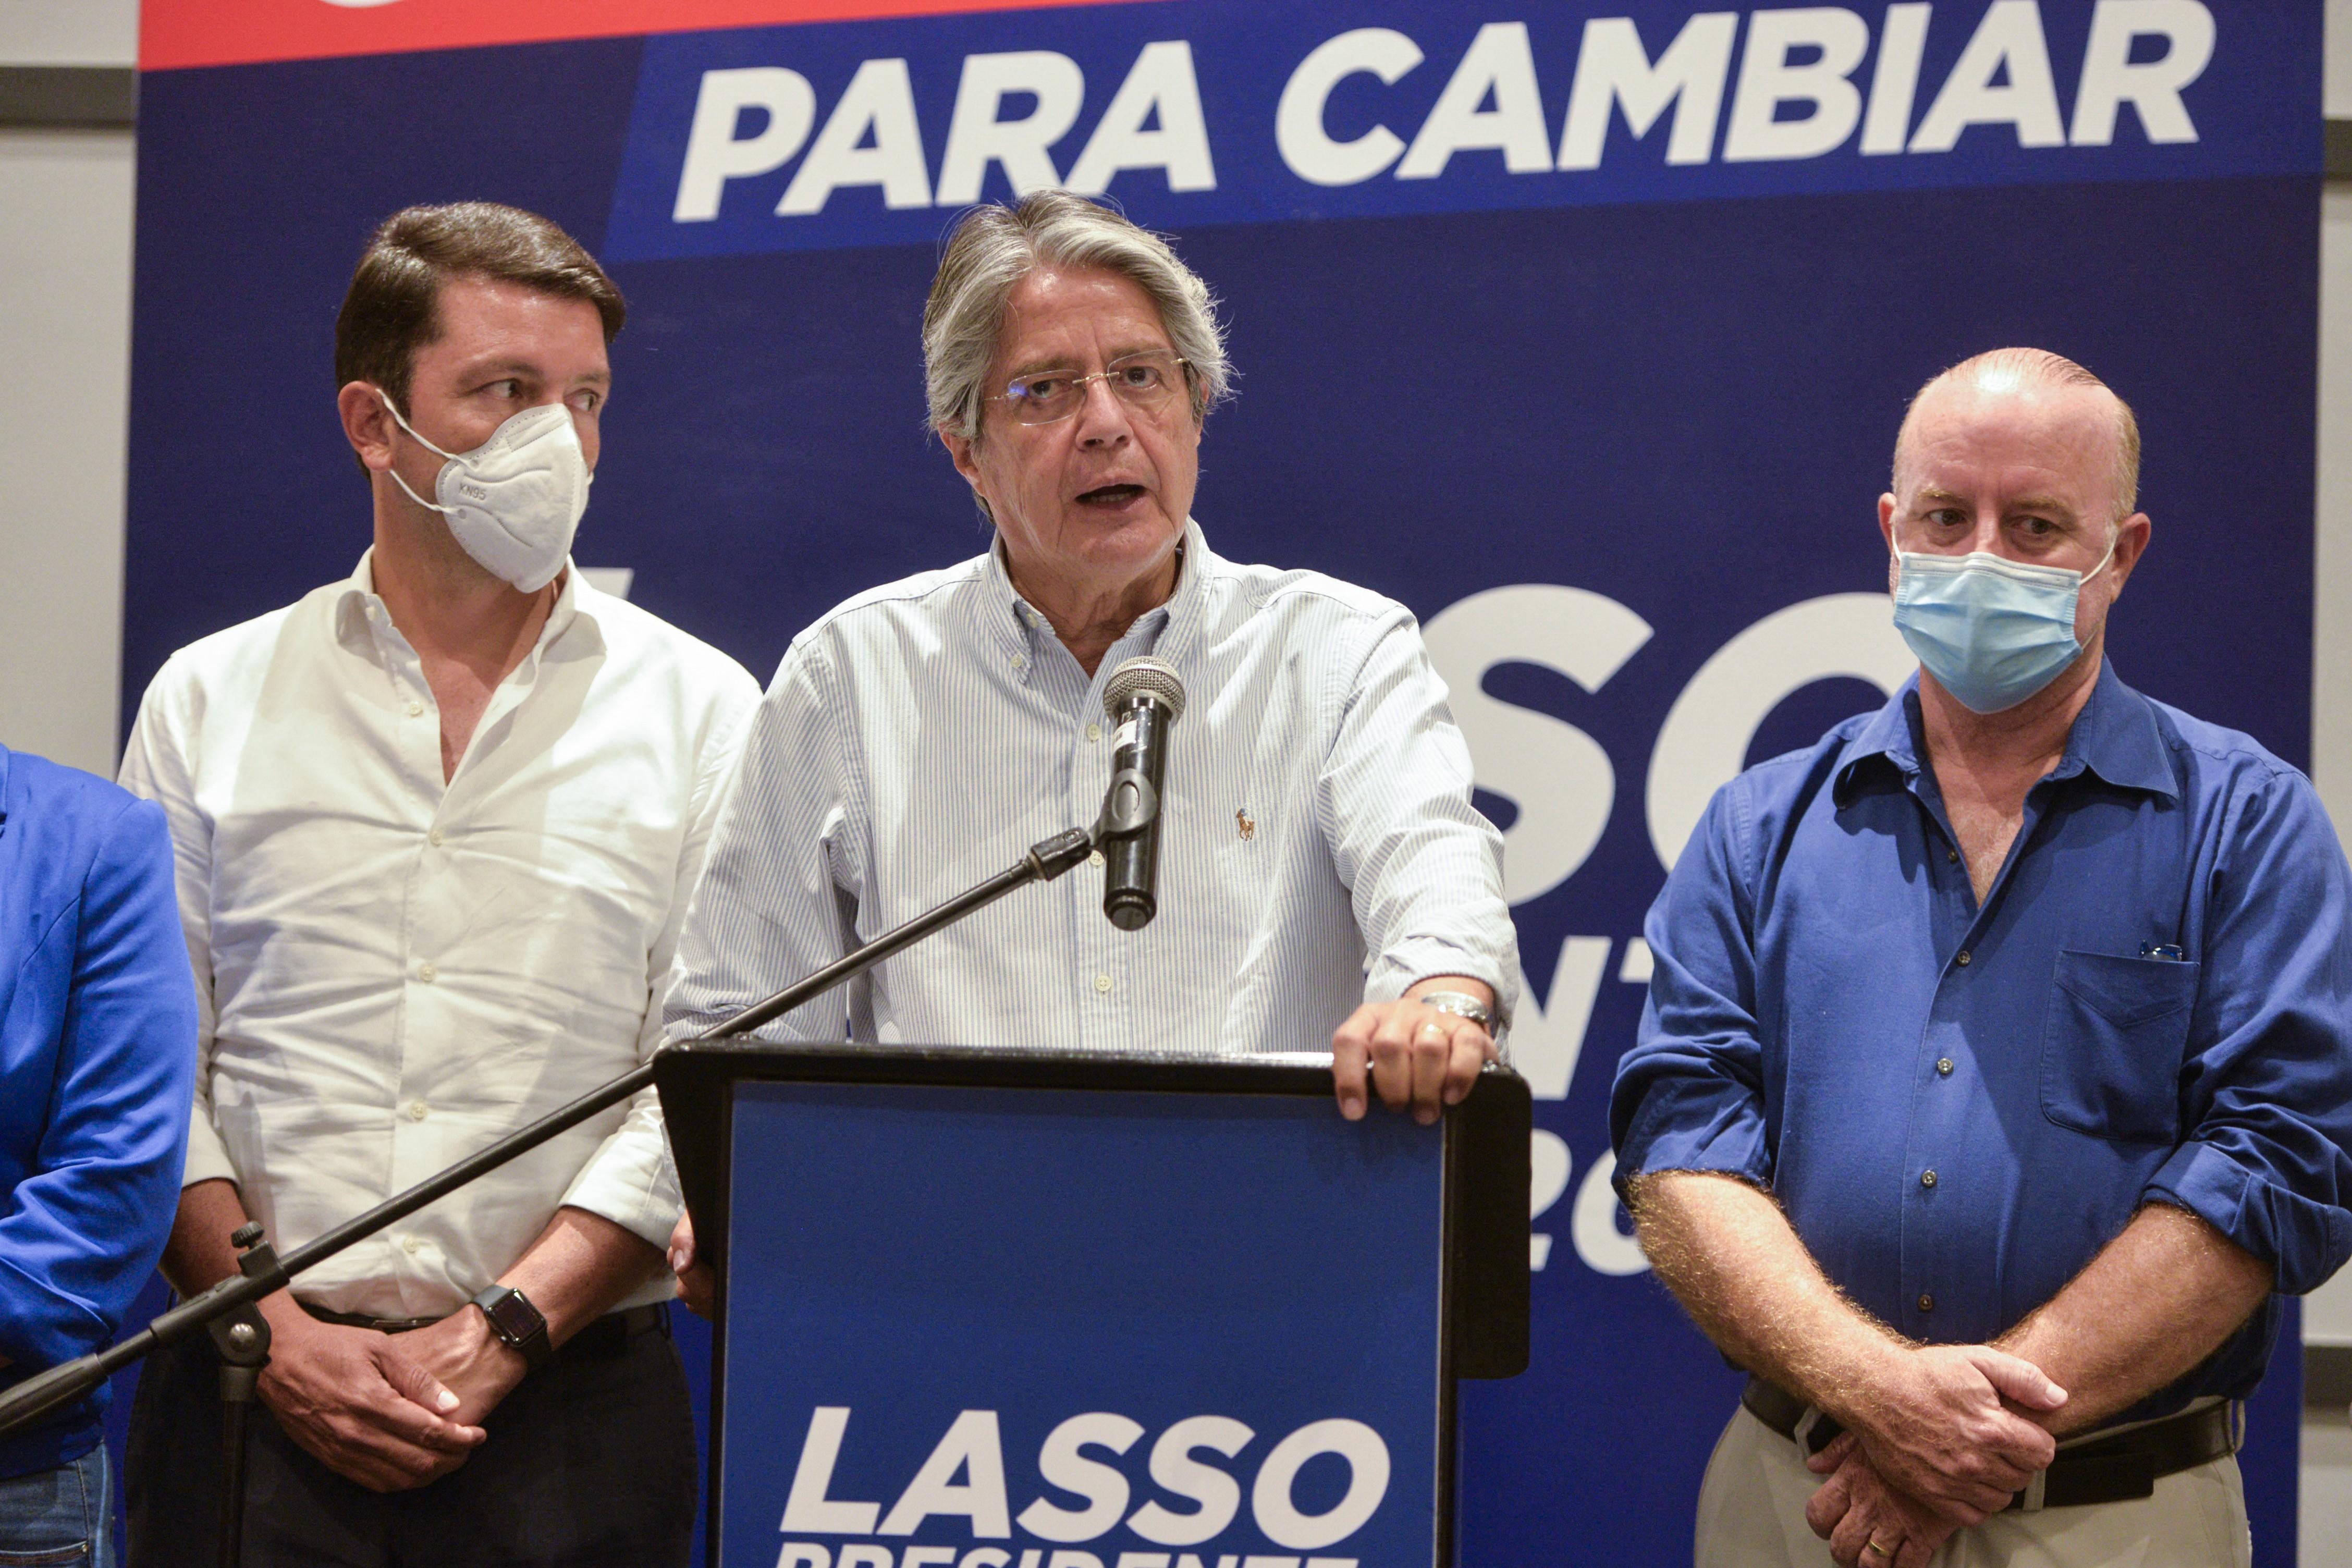 Ex-banqueiro eleito presidente do Equador diz que assume 'desafio de mudar país'